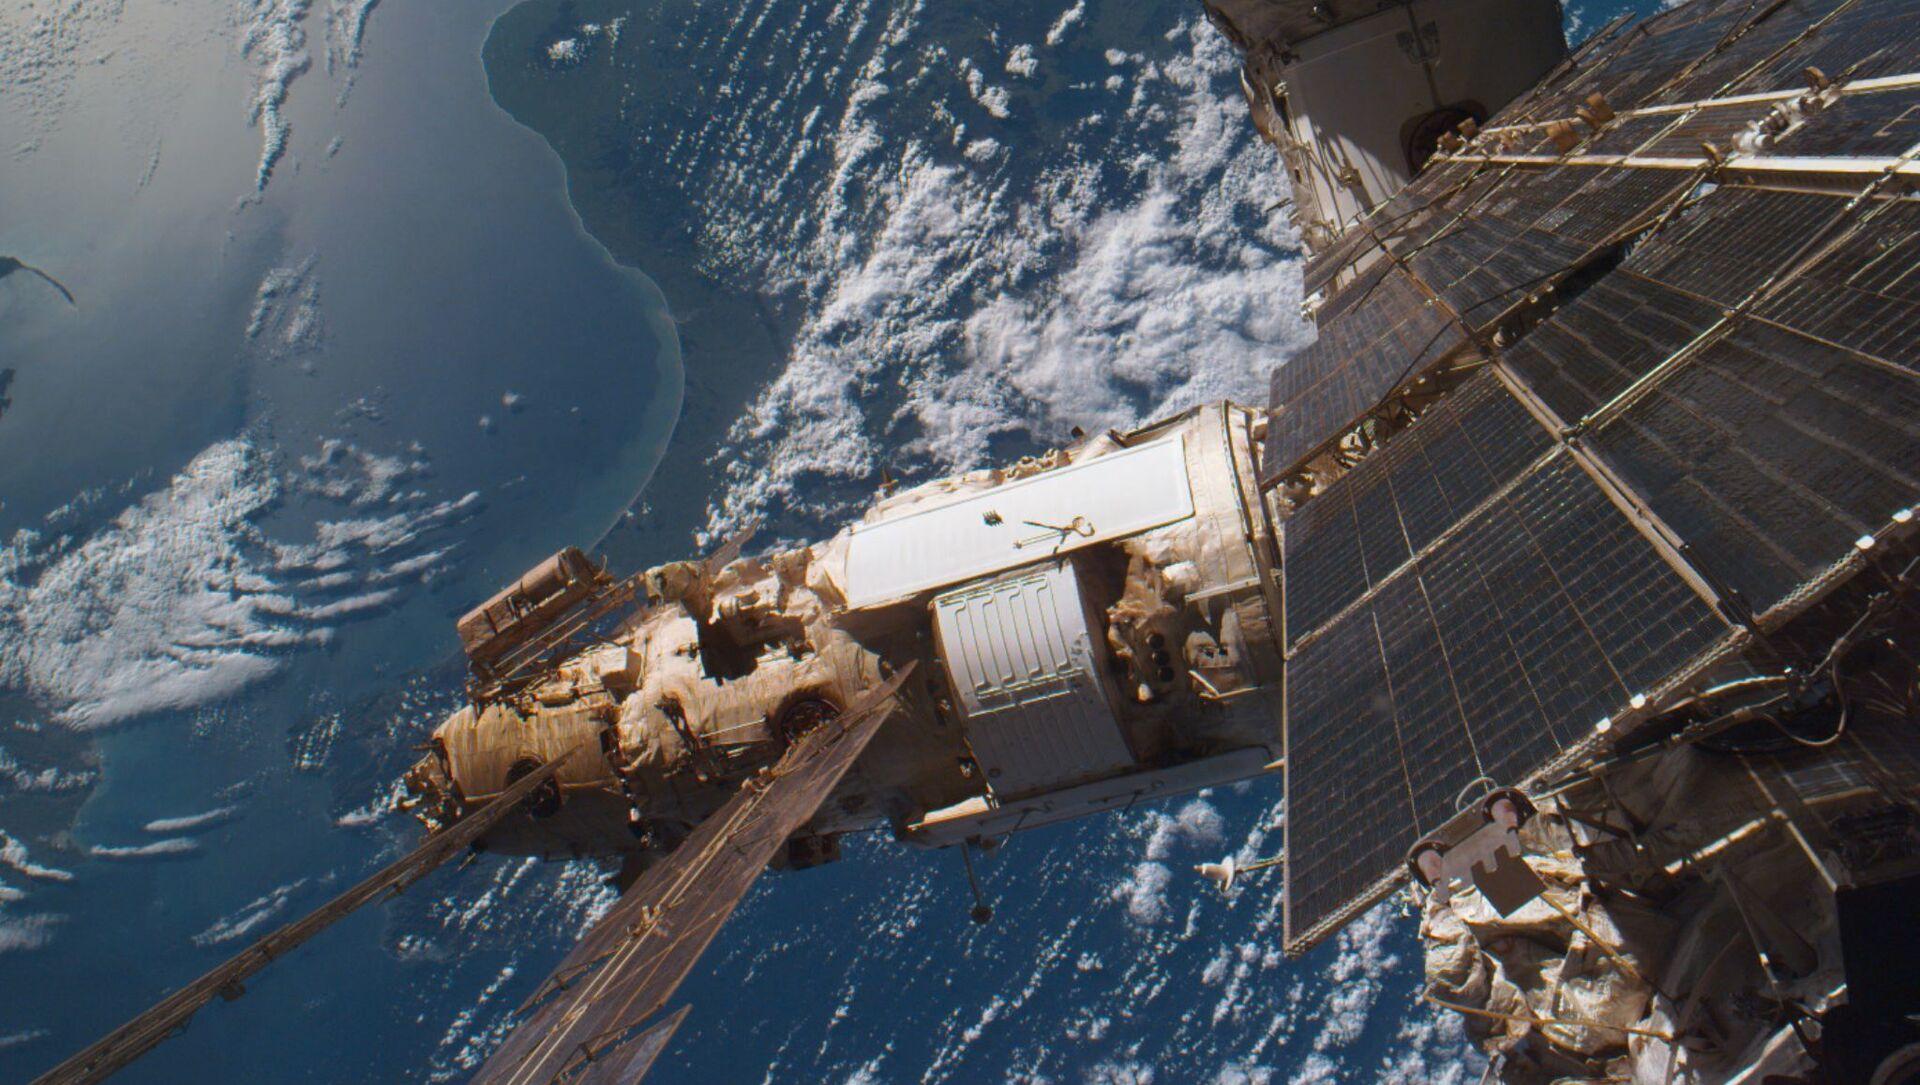 """La primera estación espacial modular en el mundo: """"Mir"""" - Sputnik Mundo, 1920, 20.02.2016"""